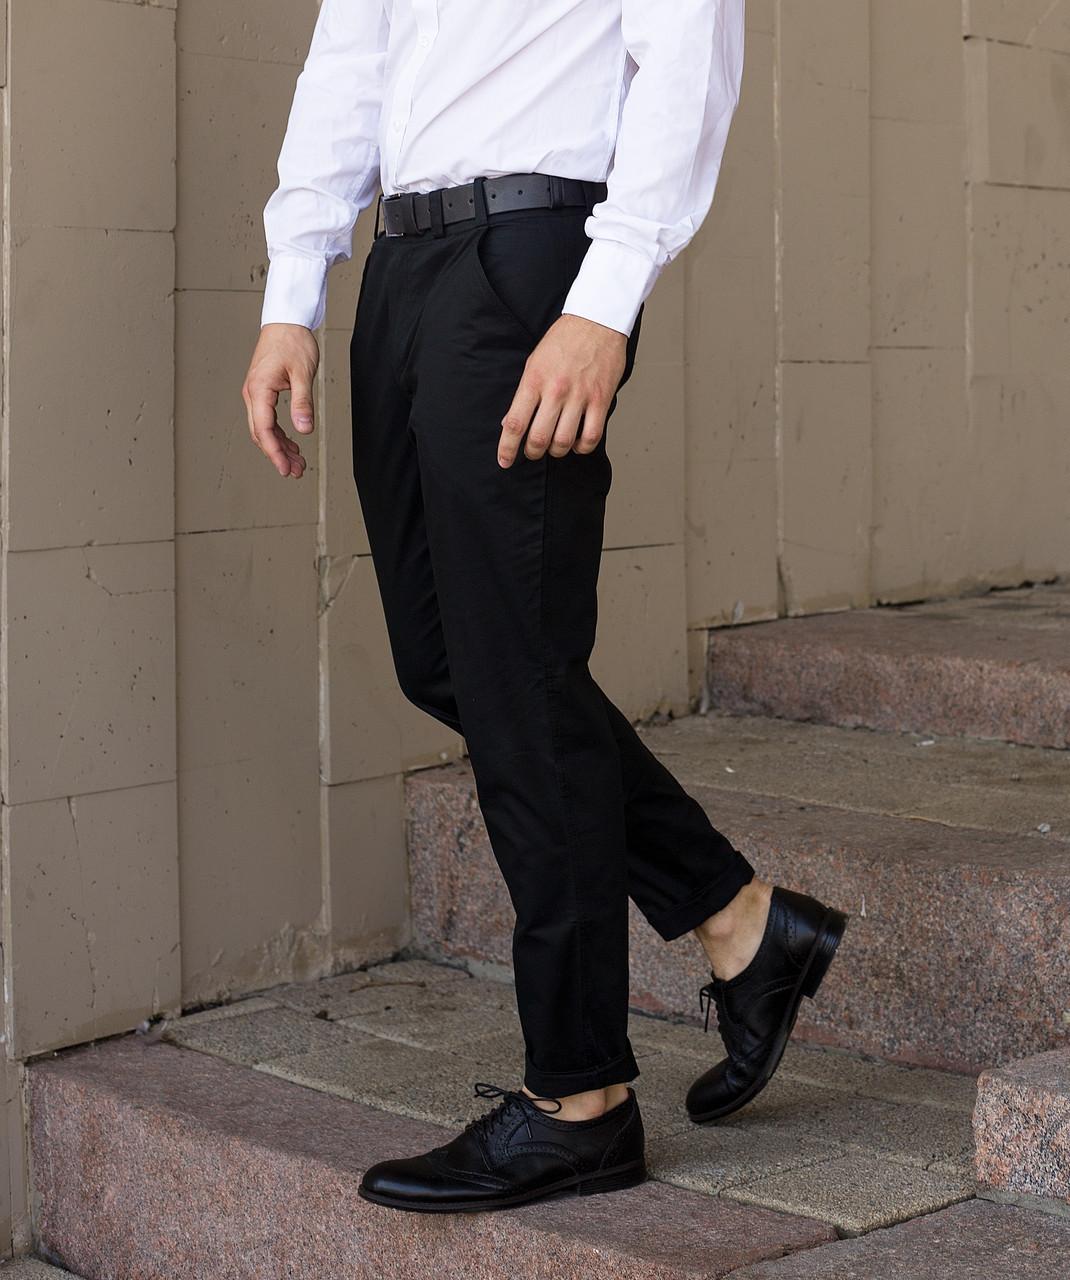 Брюки чиносы черные мужские бренд ТУР модель Стрендж (Strange) размер S, M, L, XL